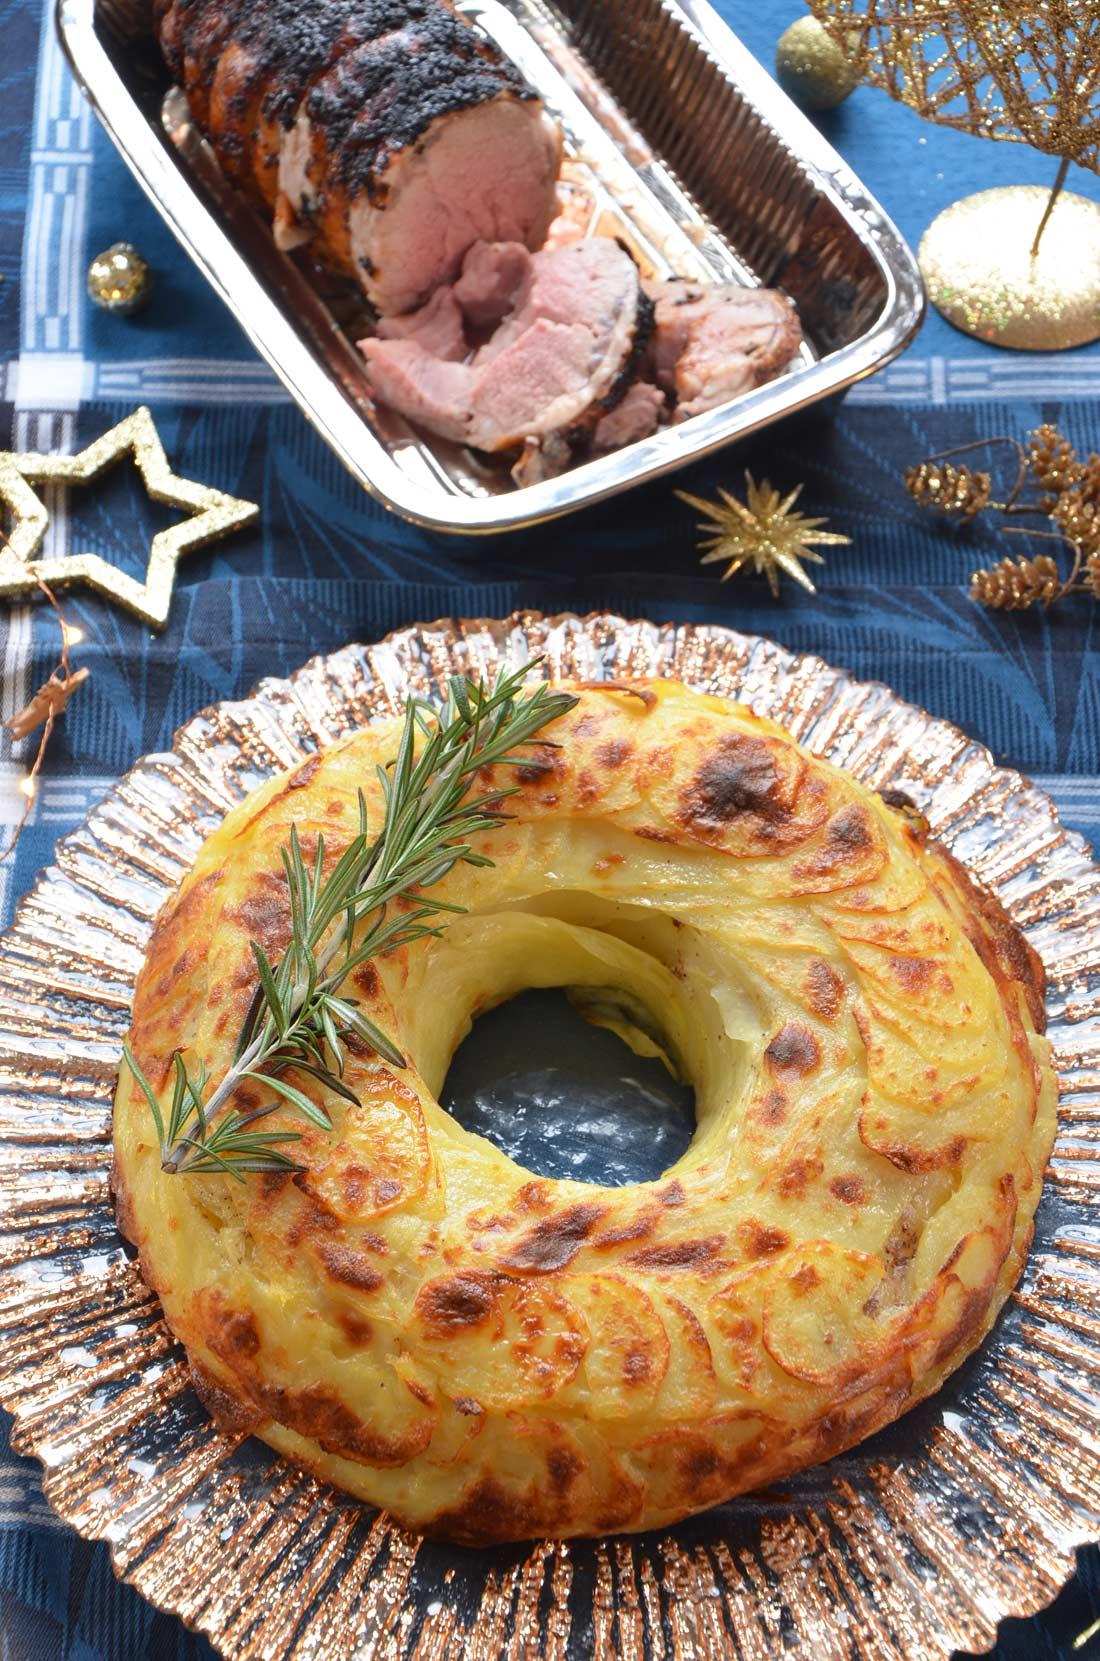 couronne de pommes de terre maison